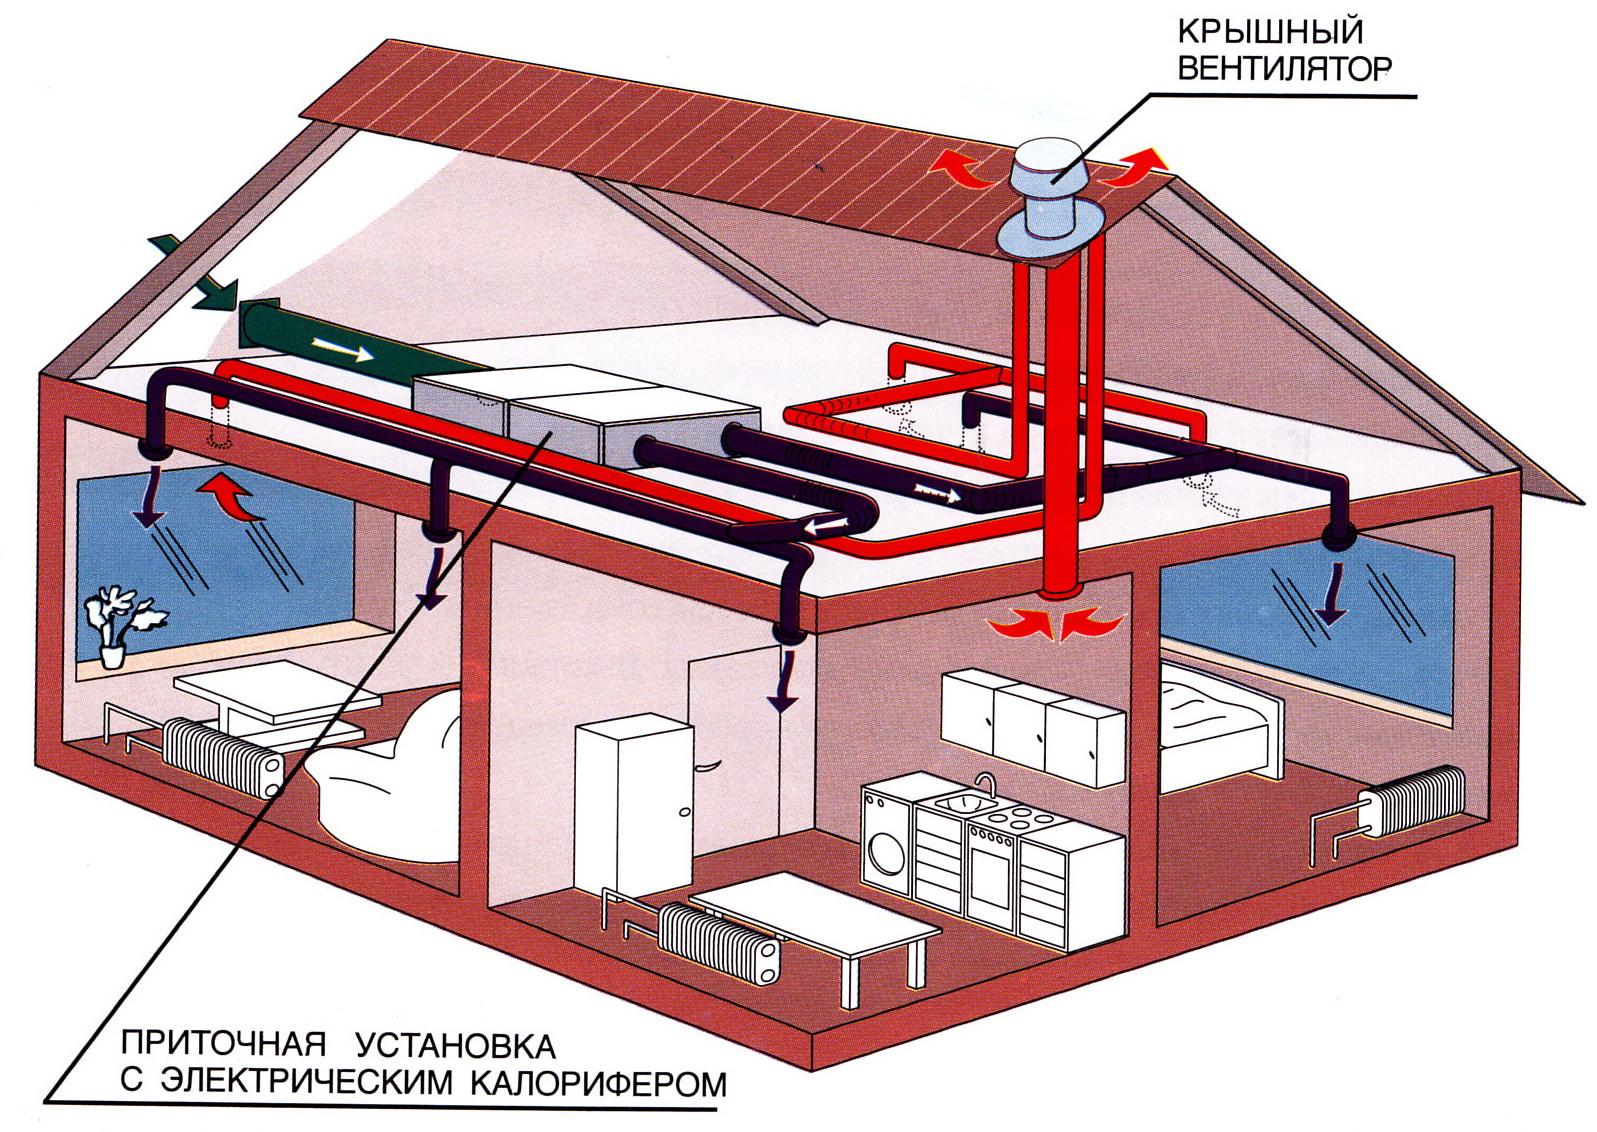 Обустройство системы вентиляции в доме своими руками по схеме: естественная, смешанная, принудительная, с рекуперацией